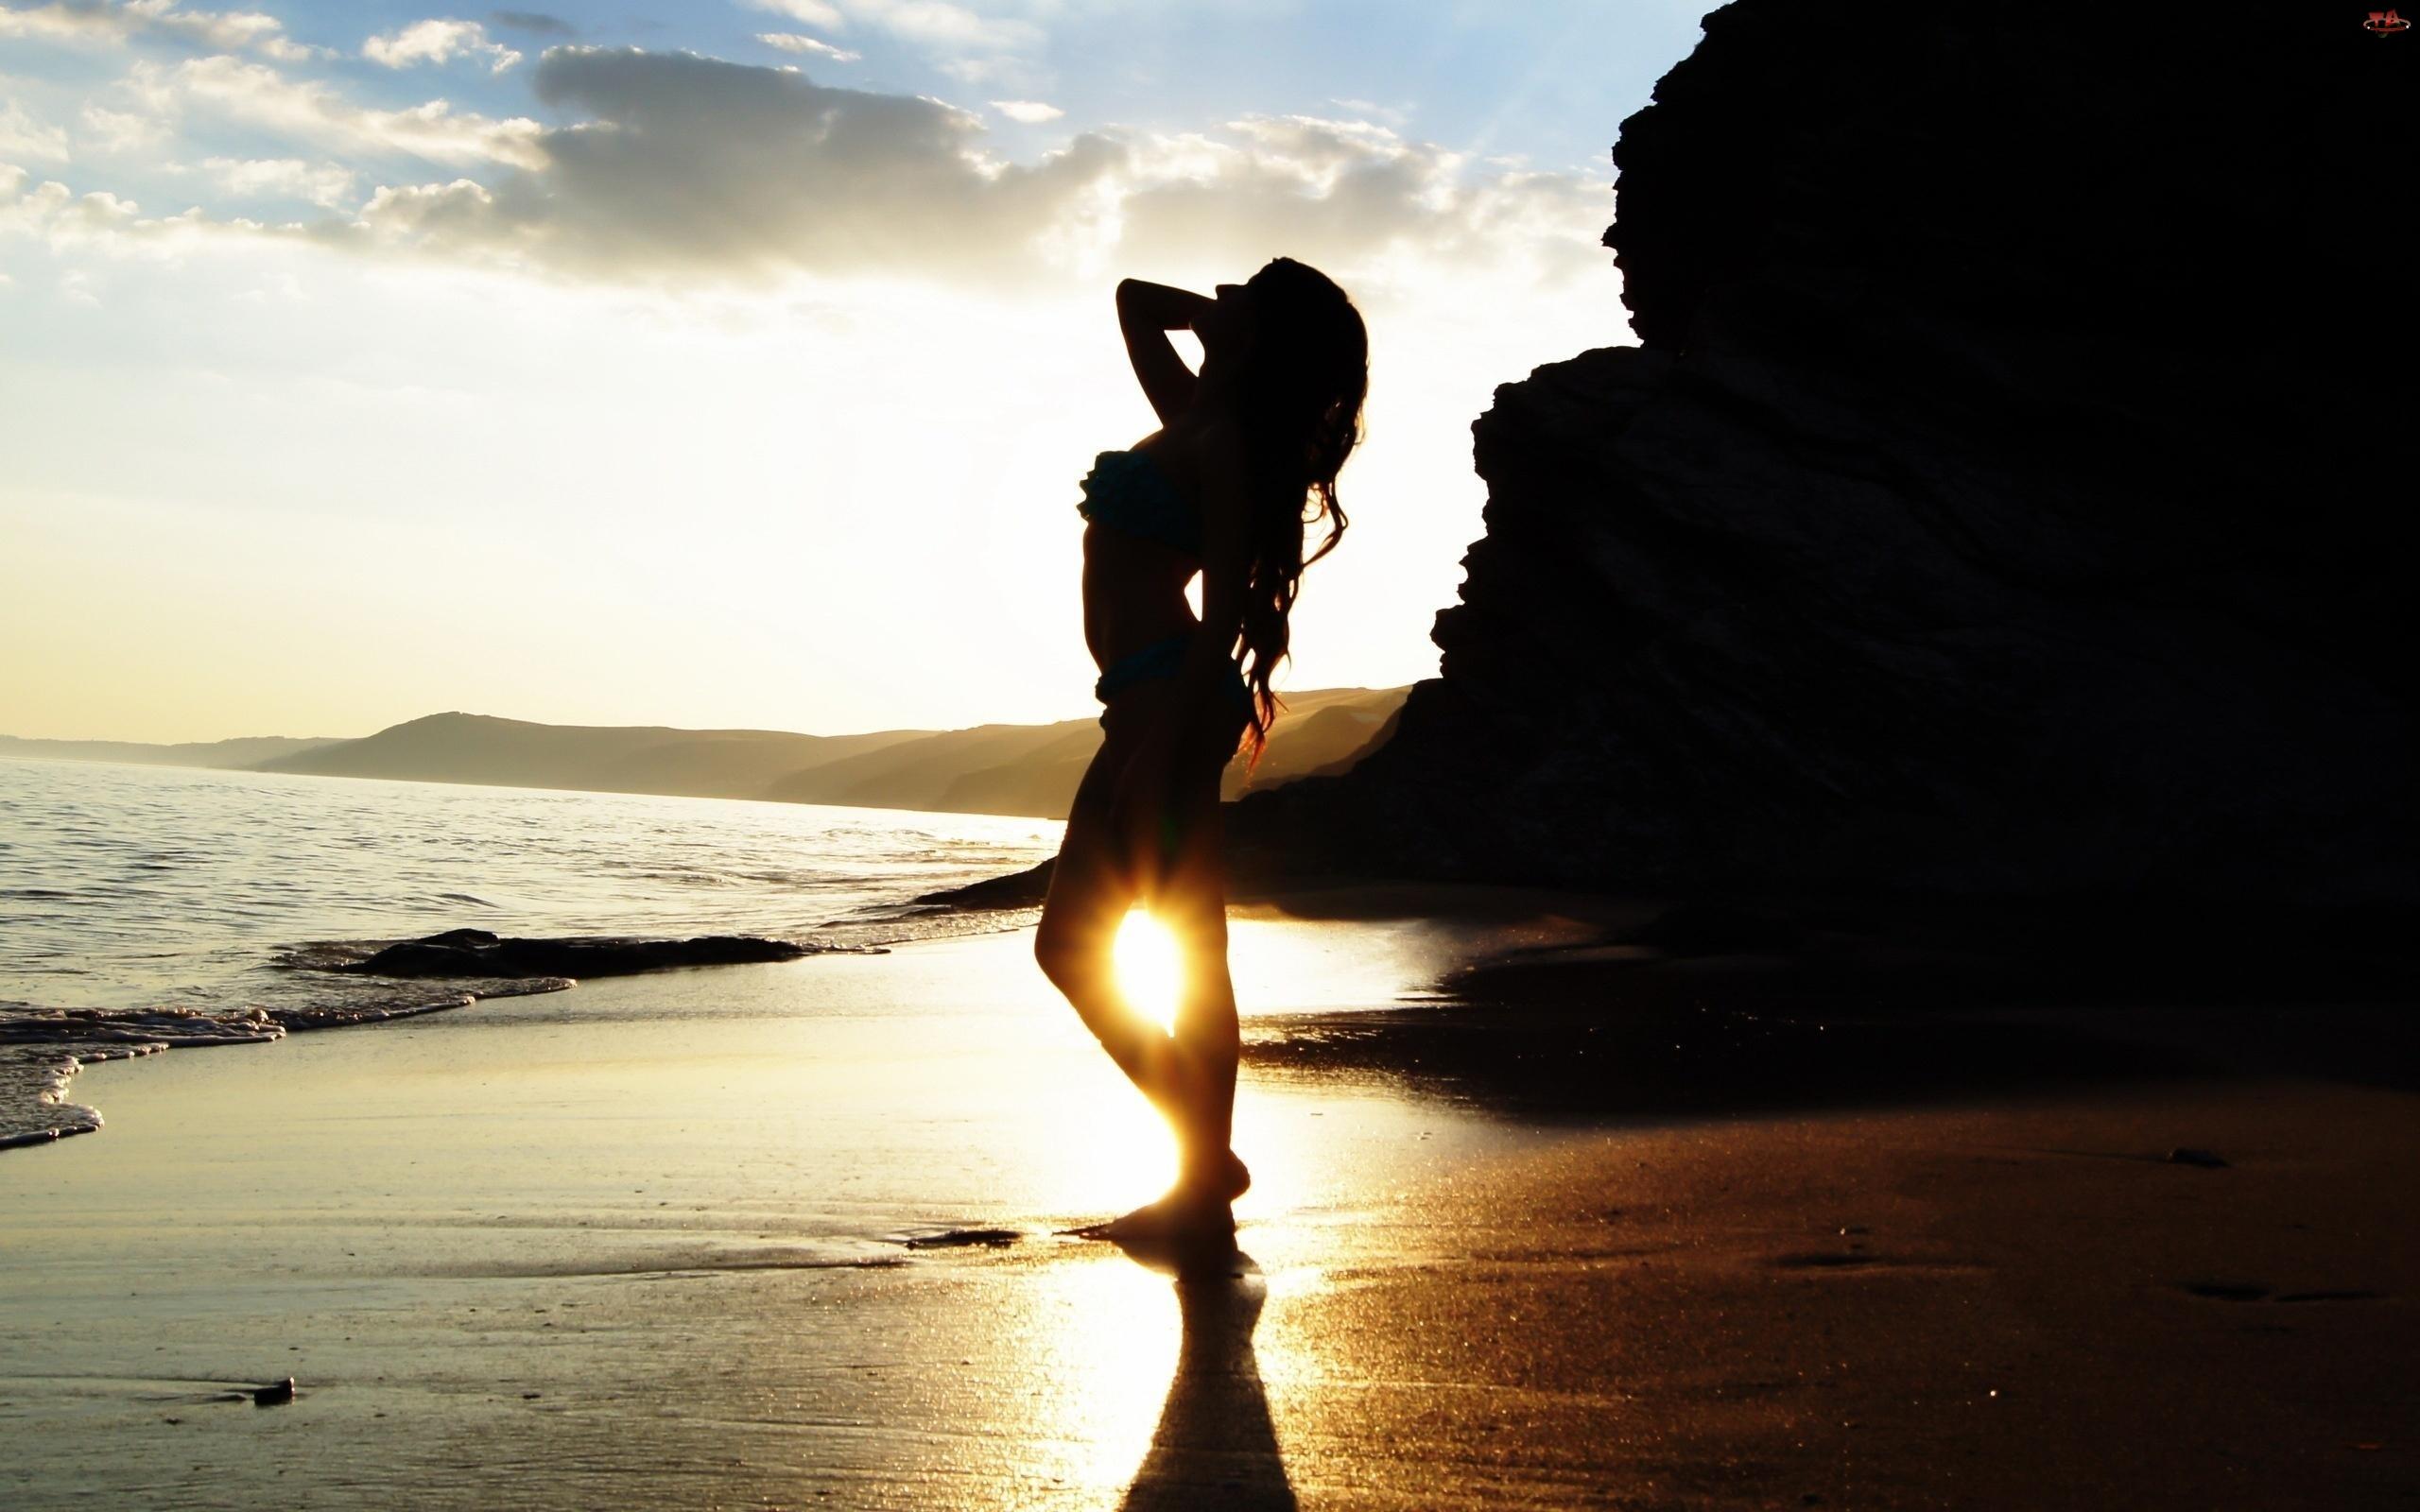 Góra, Zachód Słońca, Piasek, Kobieta, Morze